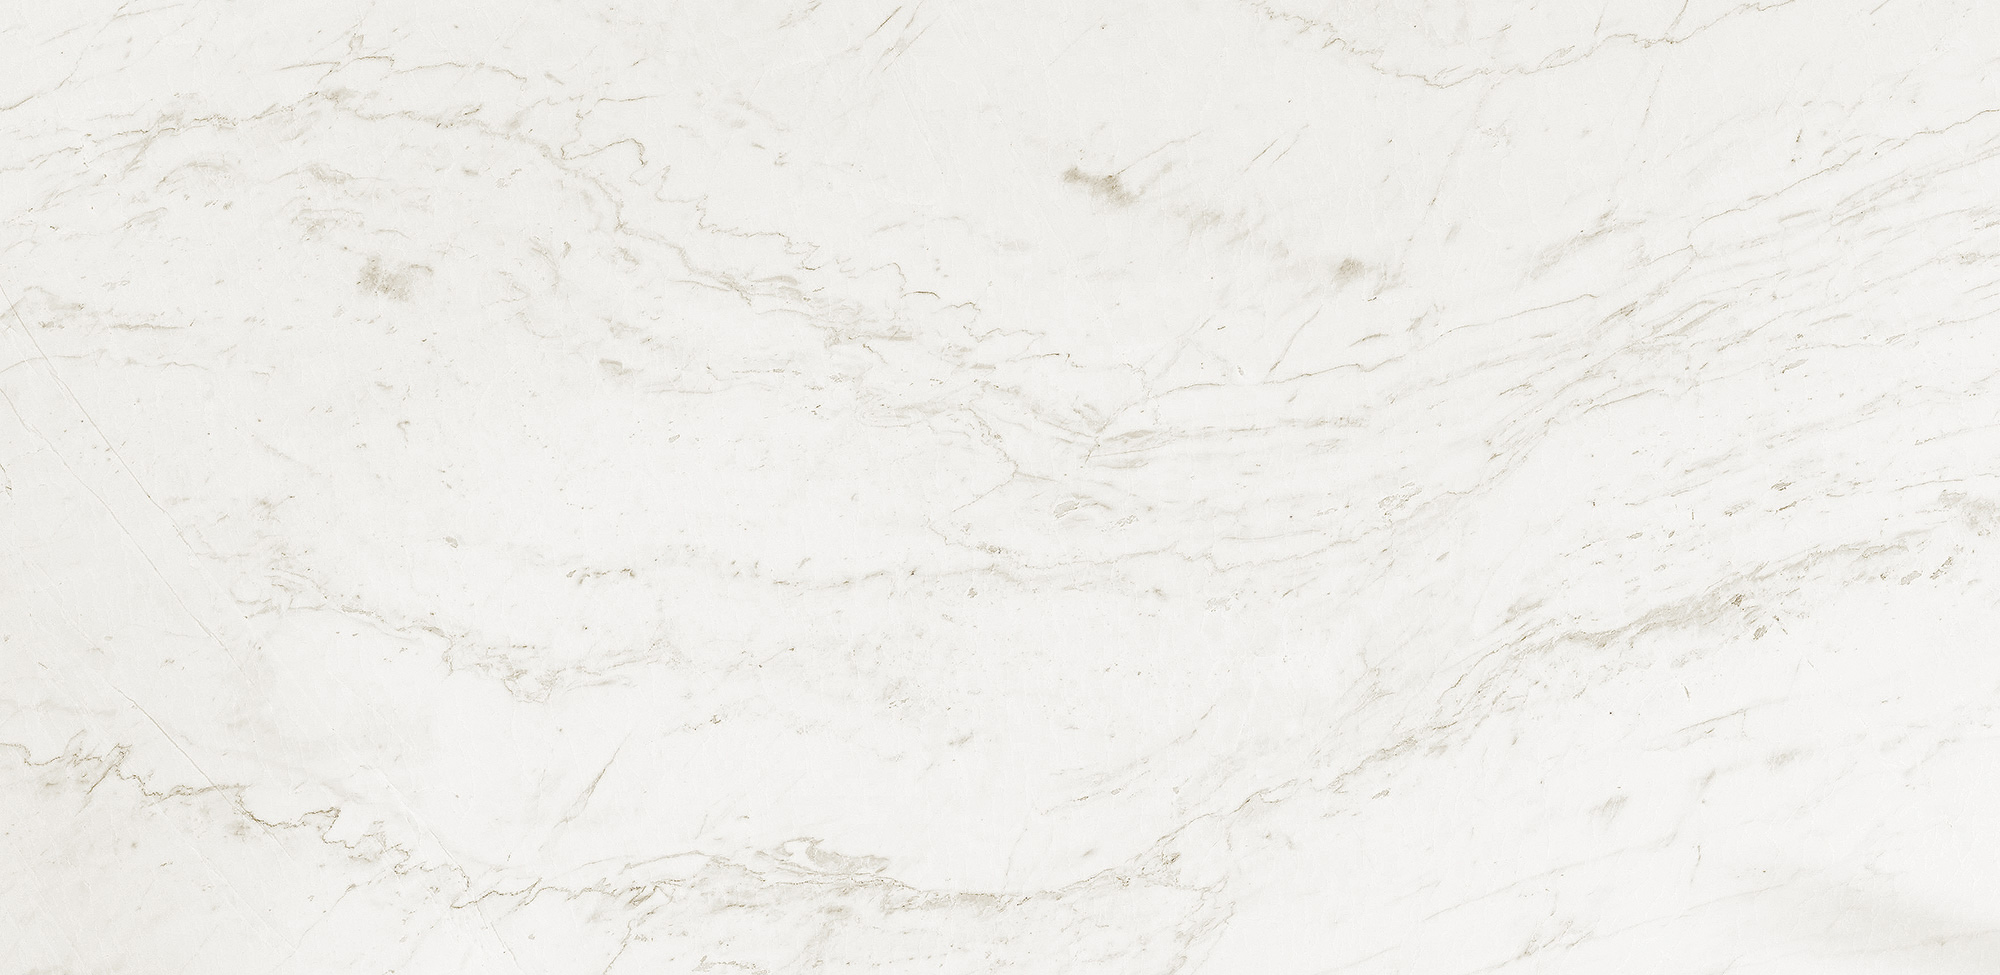 Pirgon Alas Greek White Marble